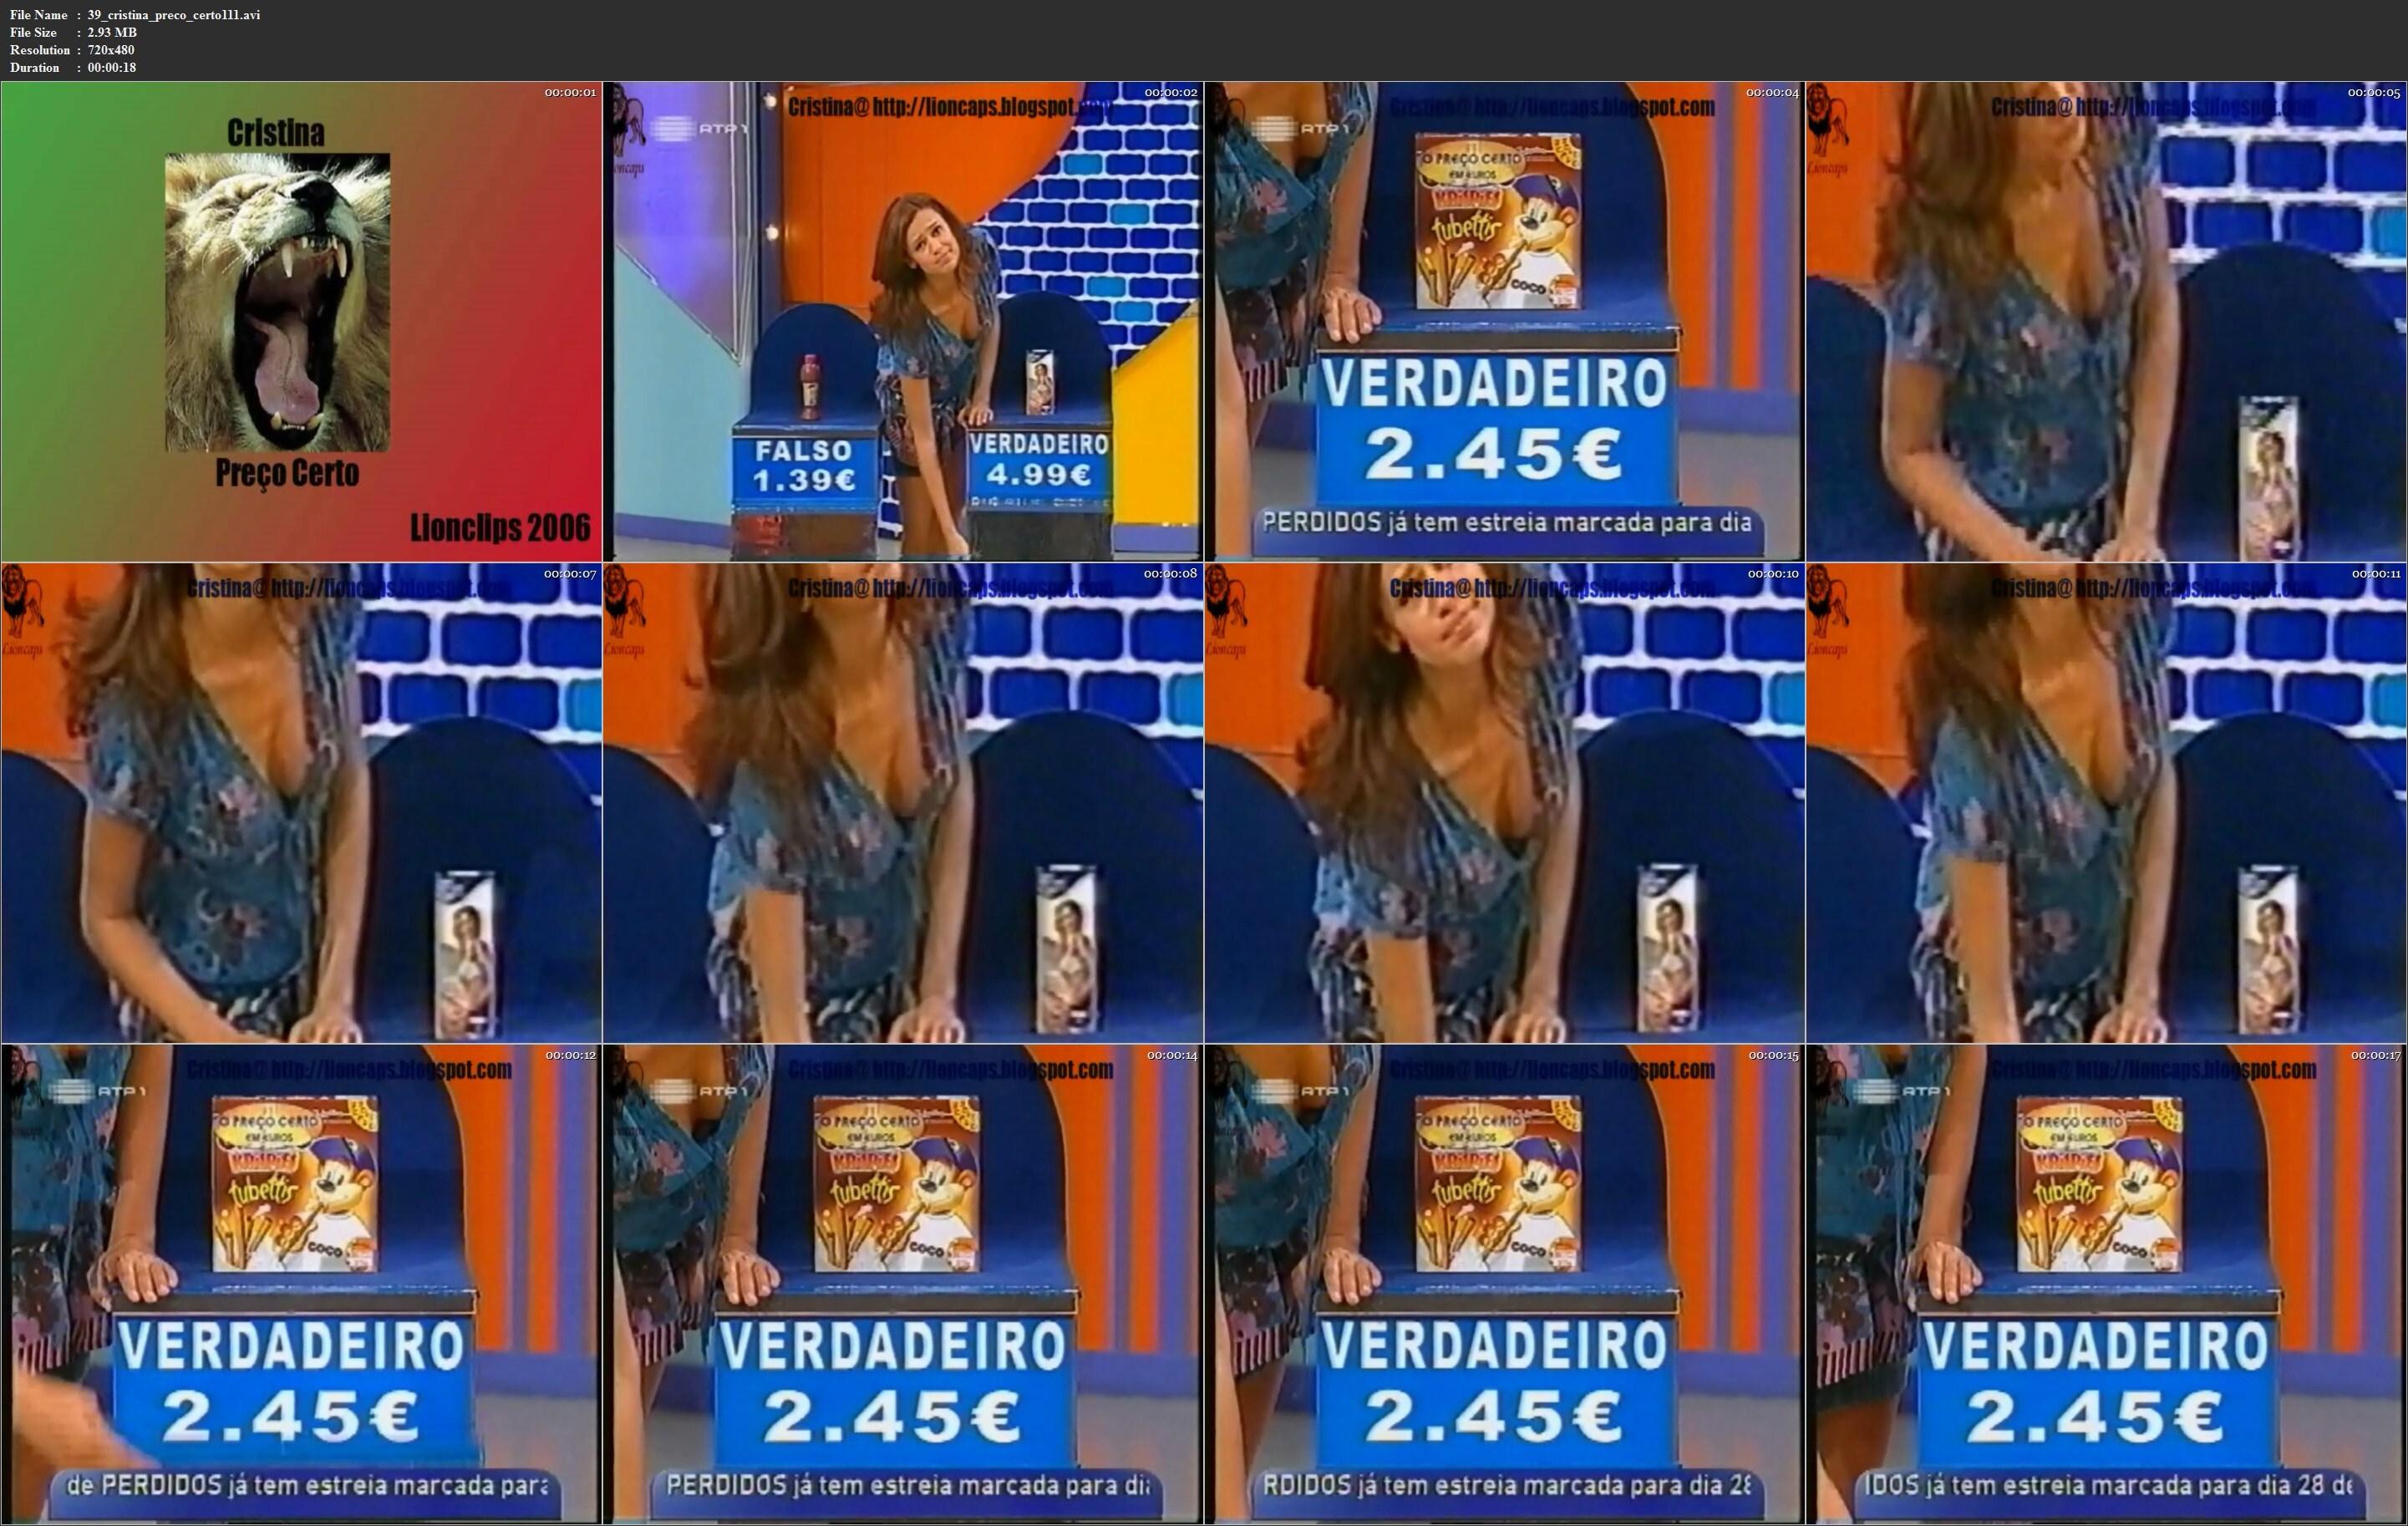 39_cristina_preco_certo111.avi.jpg